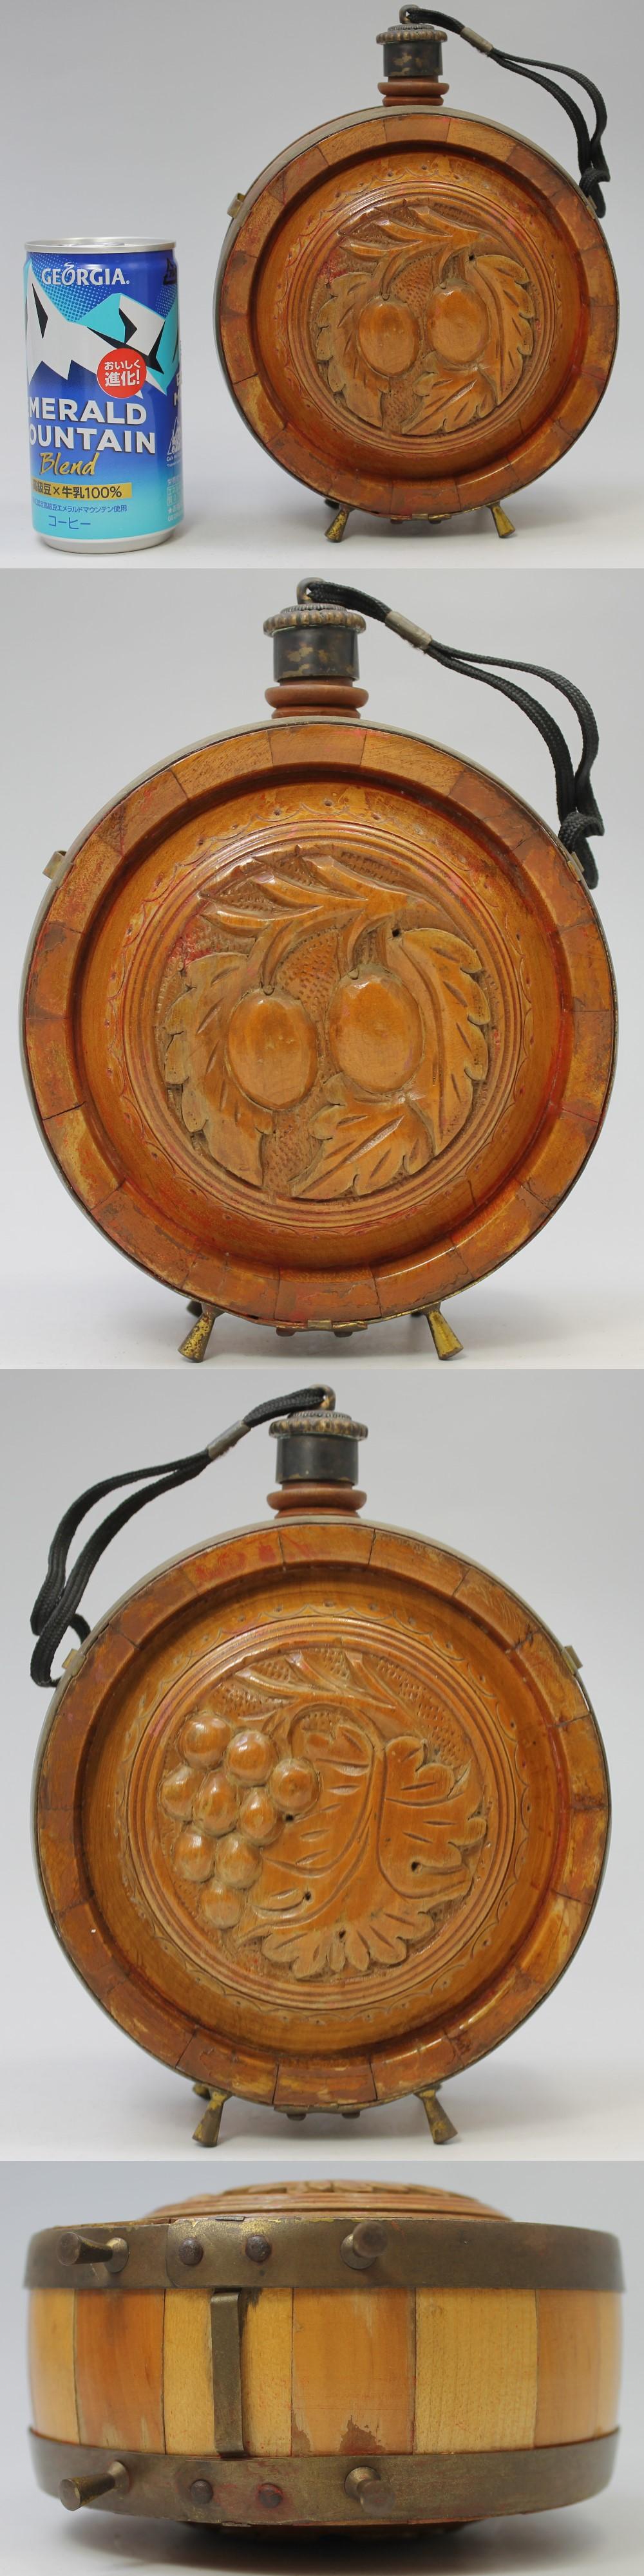 287木彫水筒ワイン入れ4